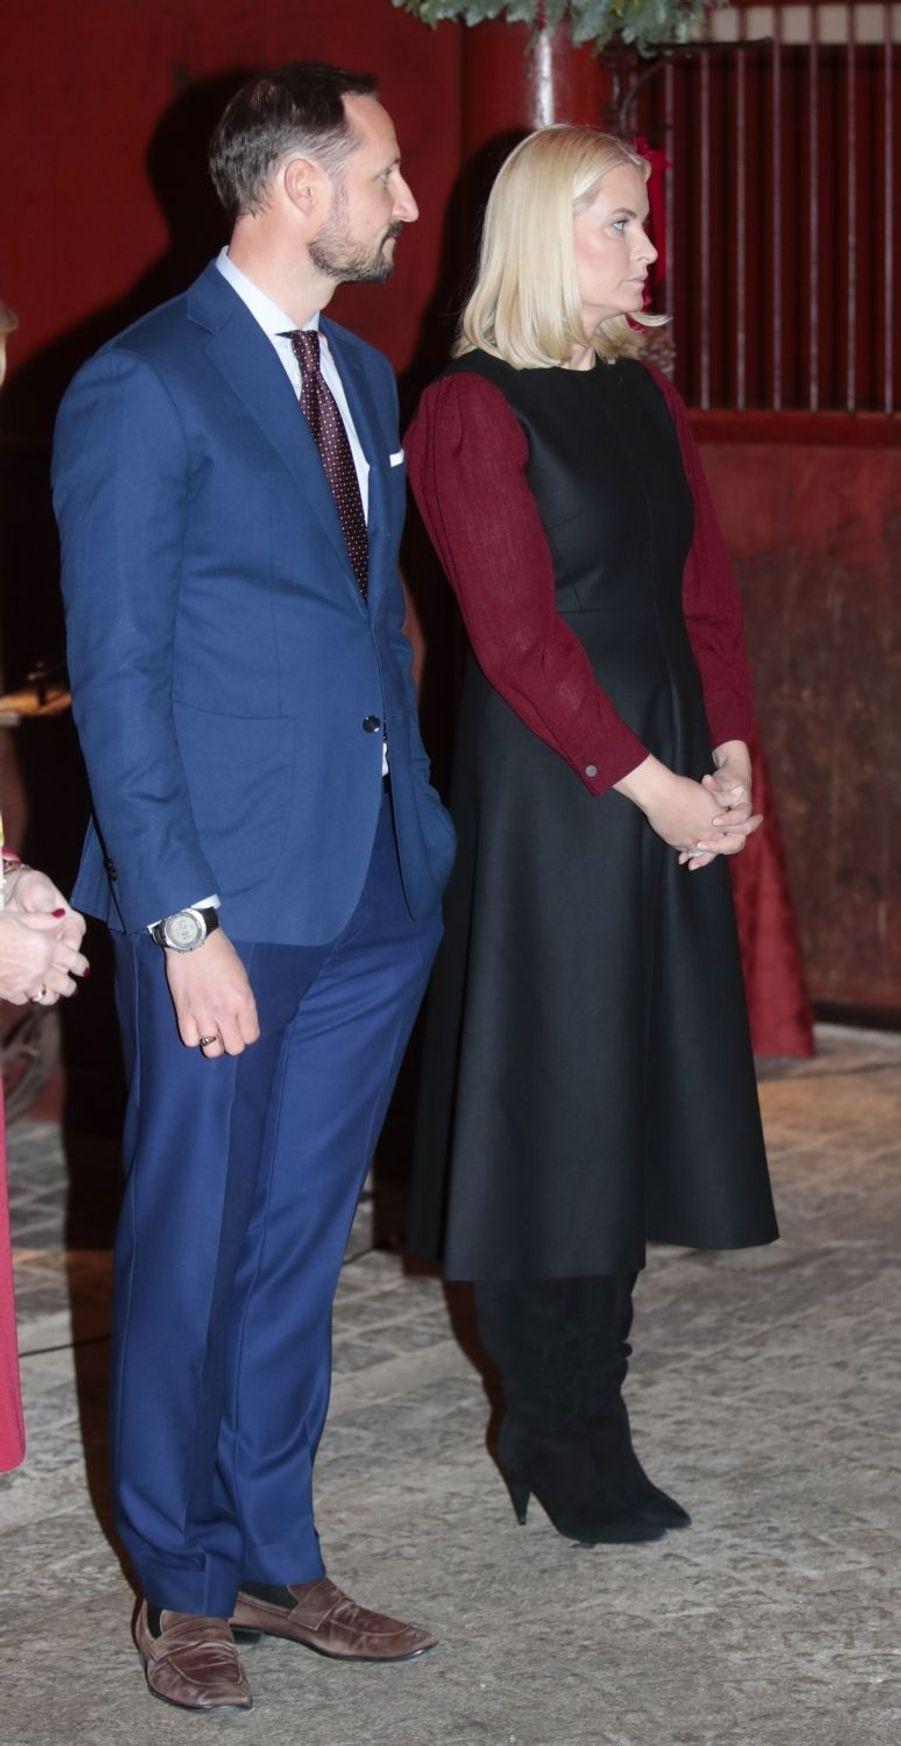 La princesse Mette-Marit et le prince Haakon de Norvège à Oslo, le 12 décembre 2017